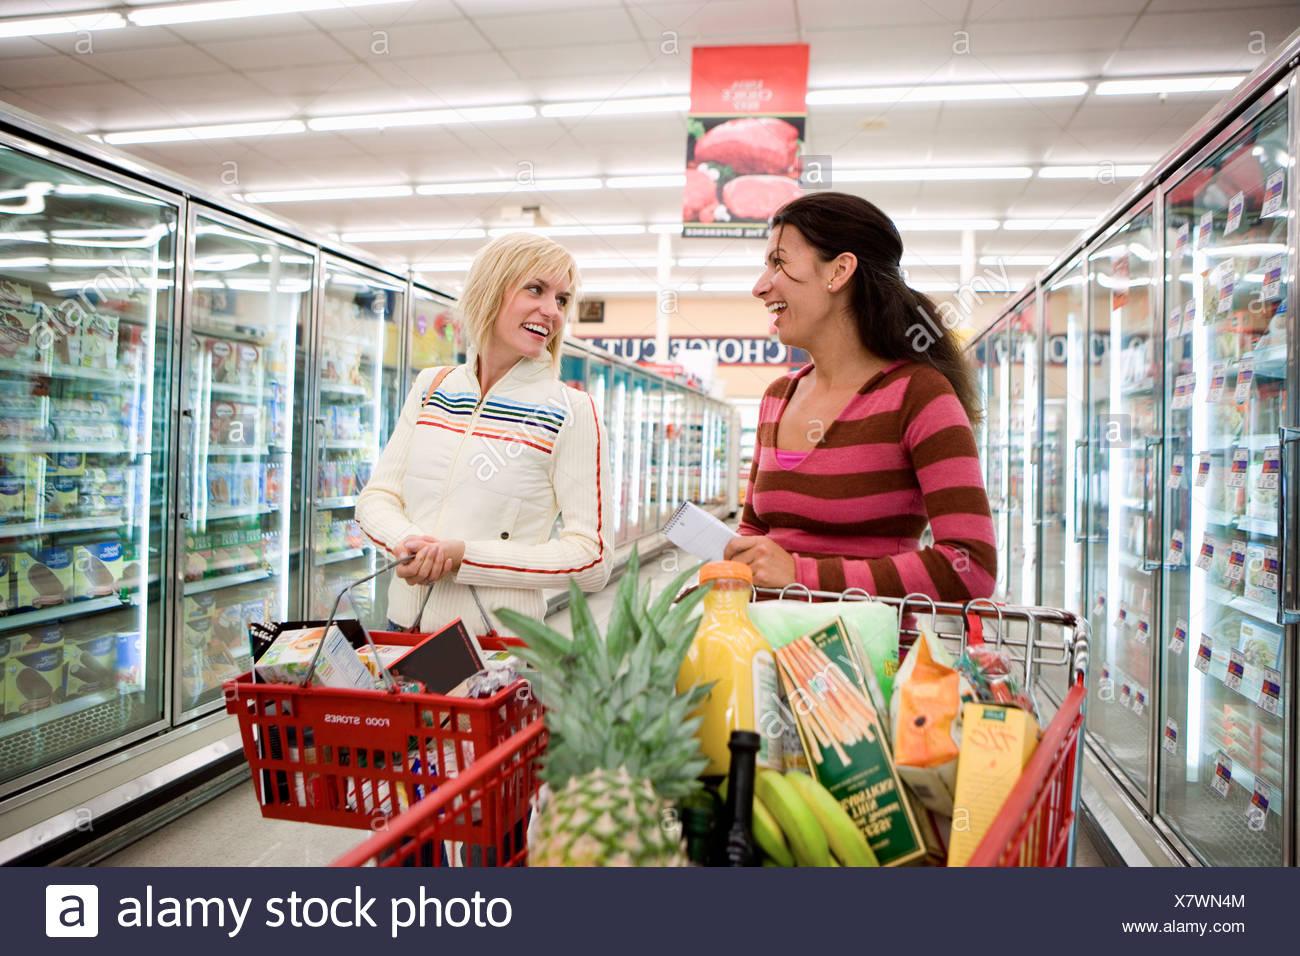 Two women shopping in supermarket standing beside trolleys